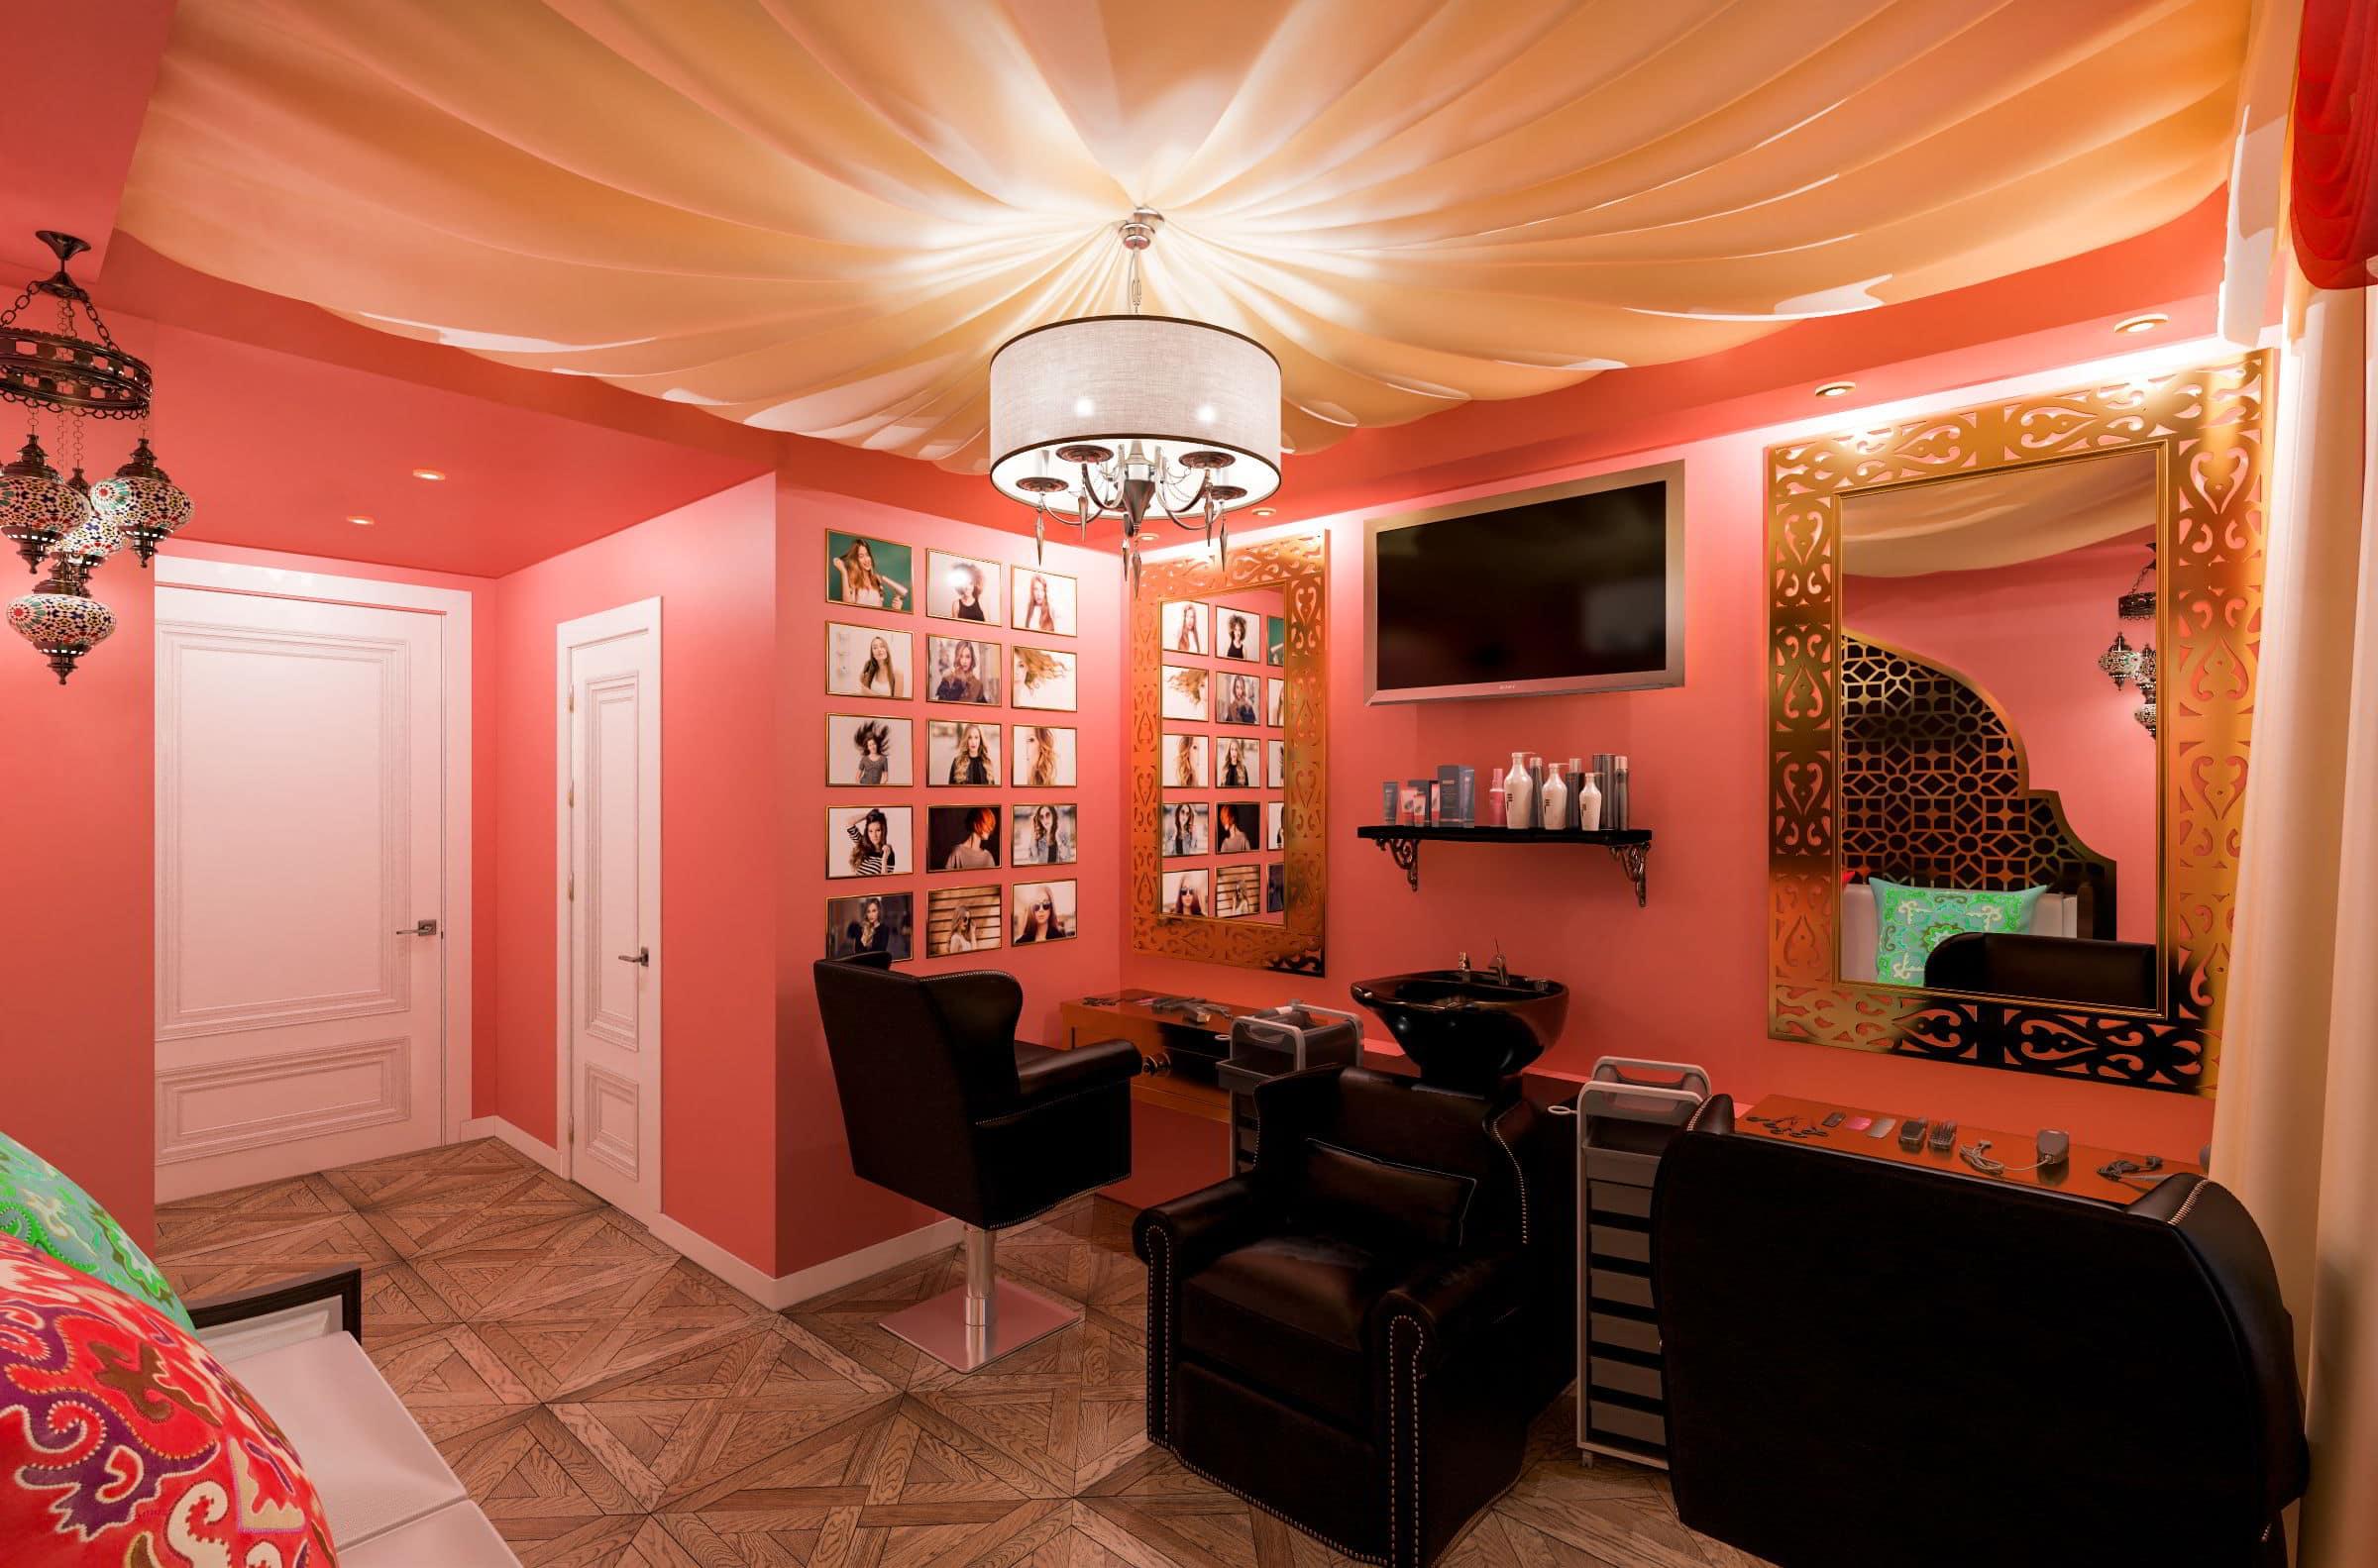 Дизайн интерьера салона красоты в гомеле, дизайн интерьера парикмахерской в турецком стиле фото, зеркала, мойка, кресла, паркет, потолок из ткани 1